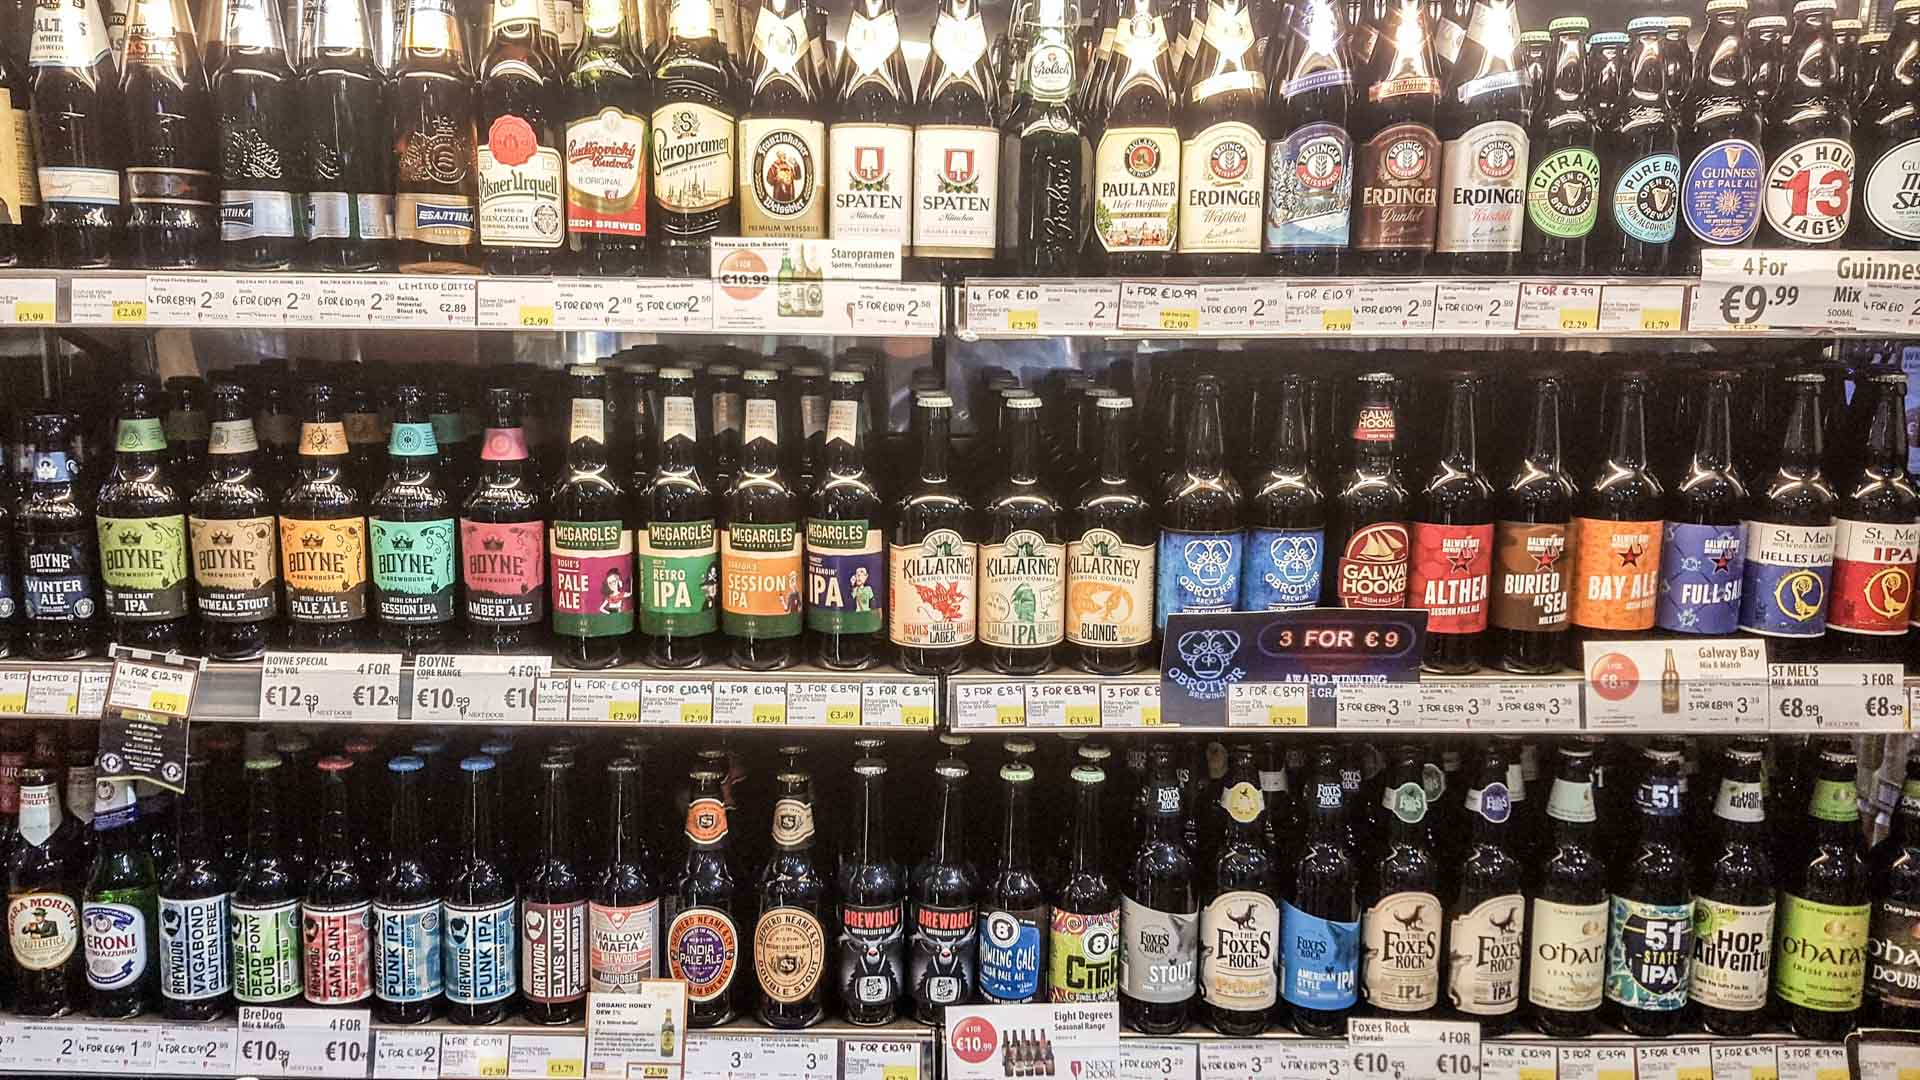 Tienda de cervezas en Dublín